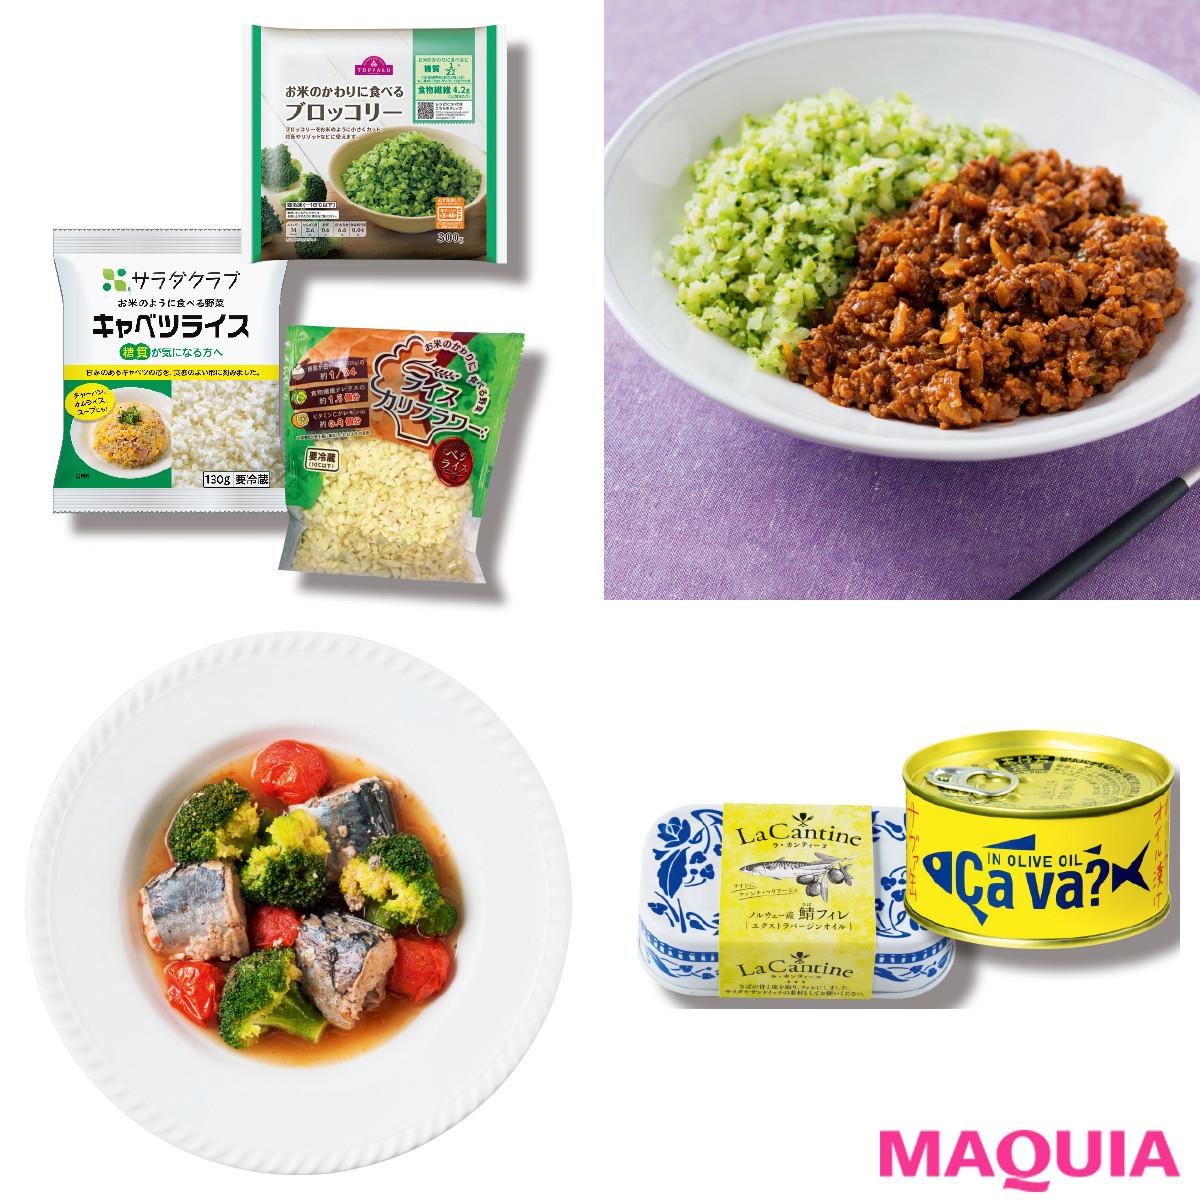 食べて痩せる食材・ダイエットレシピ